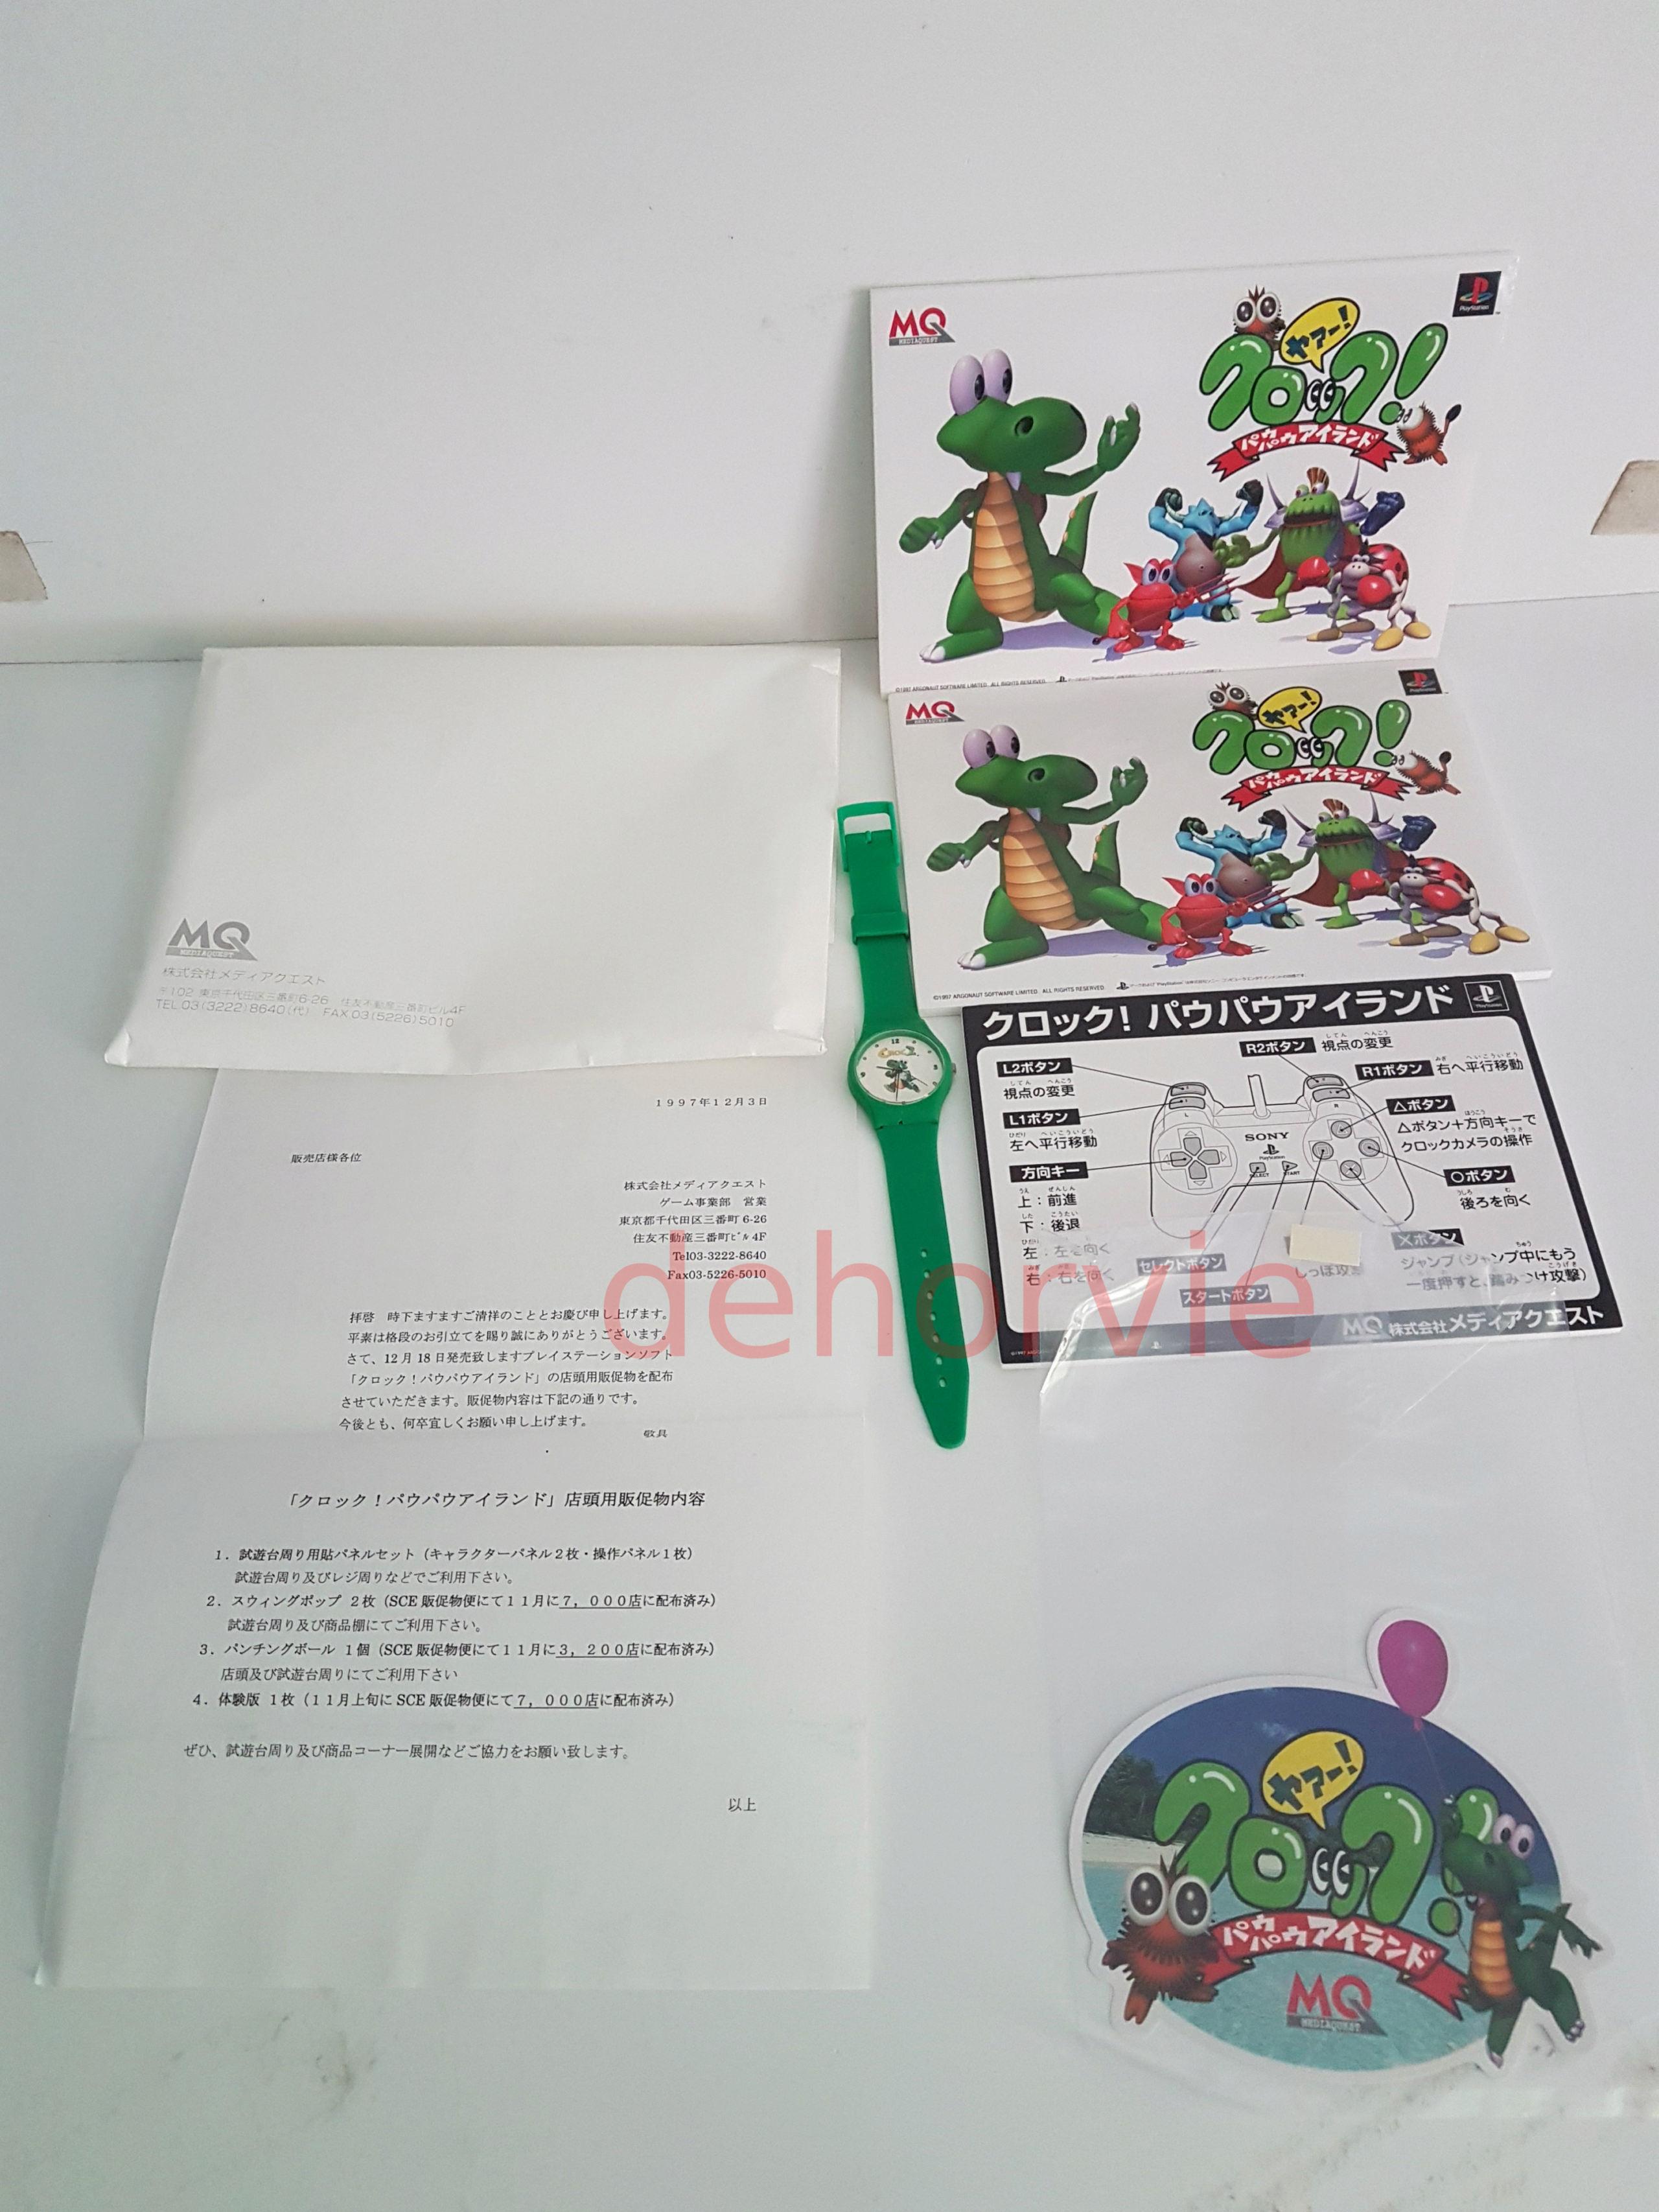 ►26/10/19◄ [Dehorvie] PLV française de Donkey Kong 64 enfin là !  - Page 15 20190614